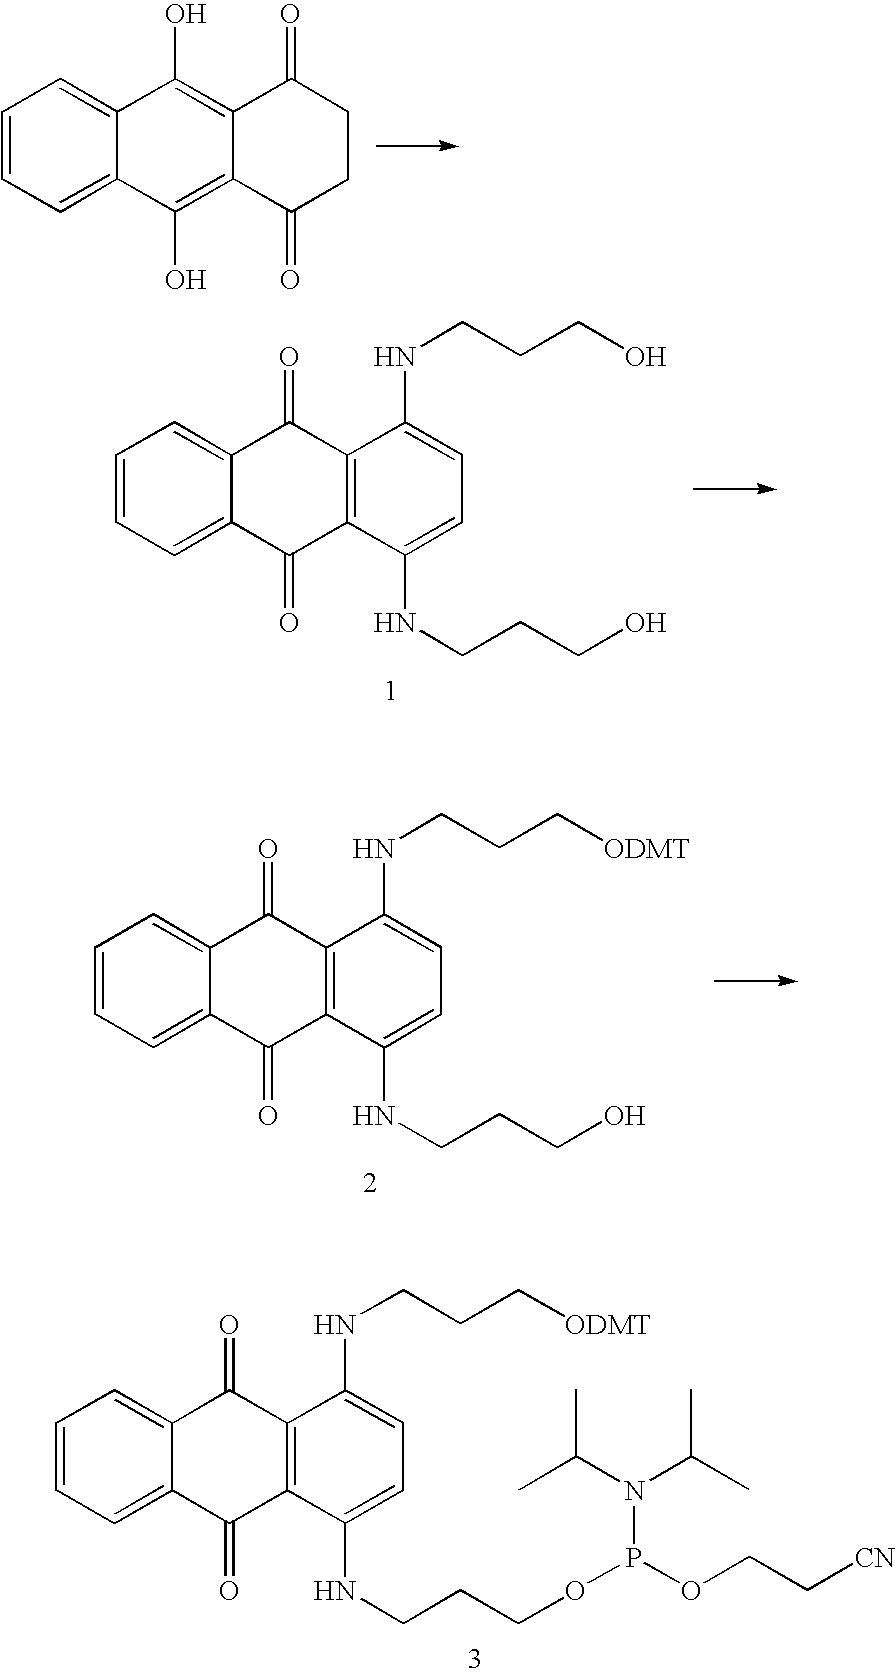 Figure US20050272075A1-20051208-C00002